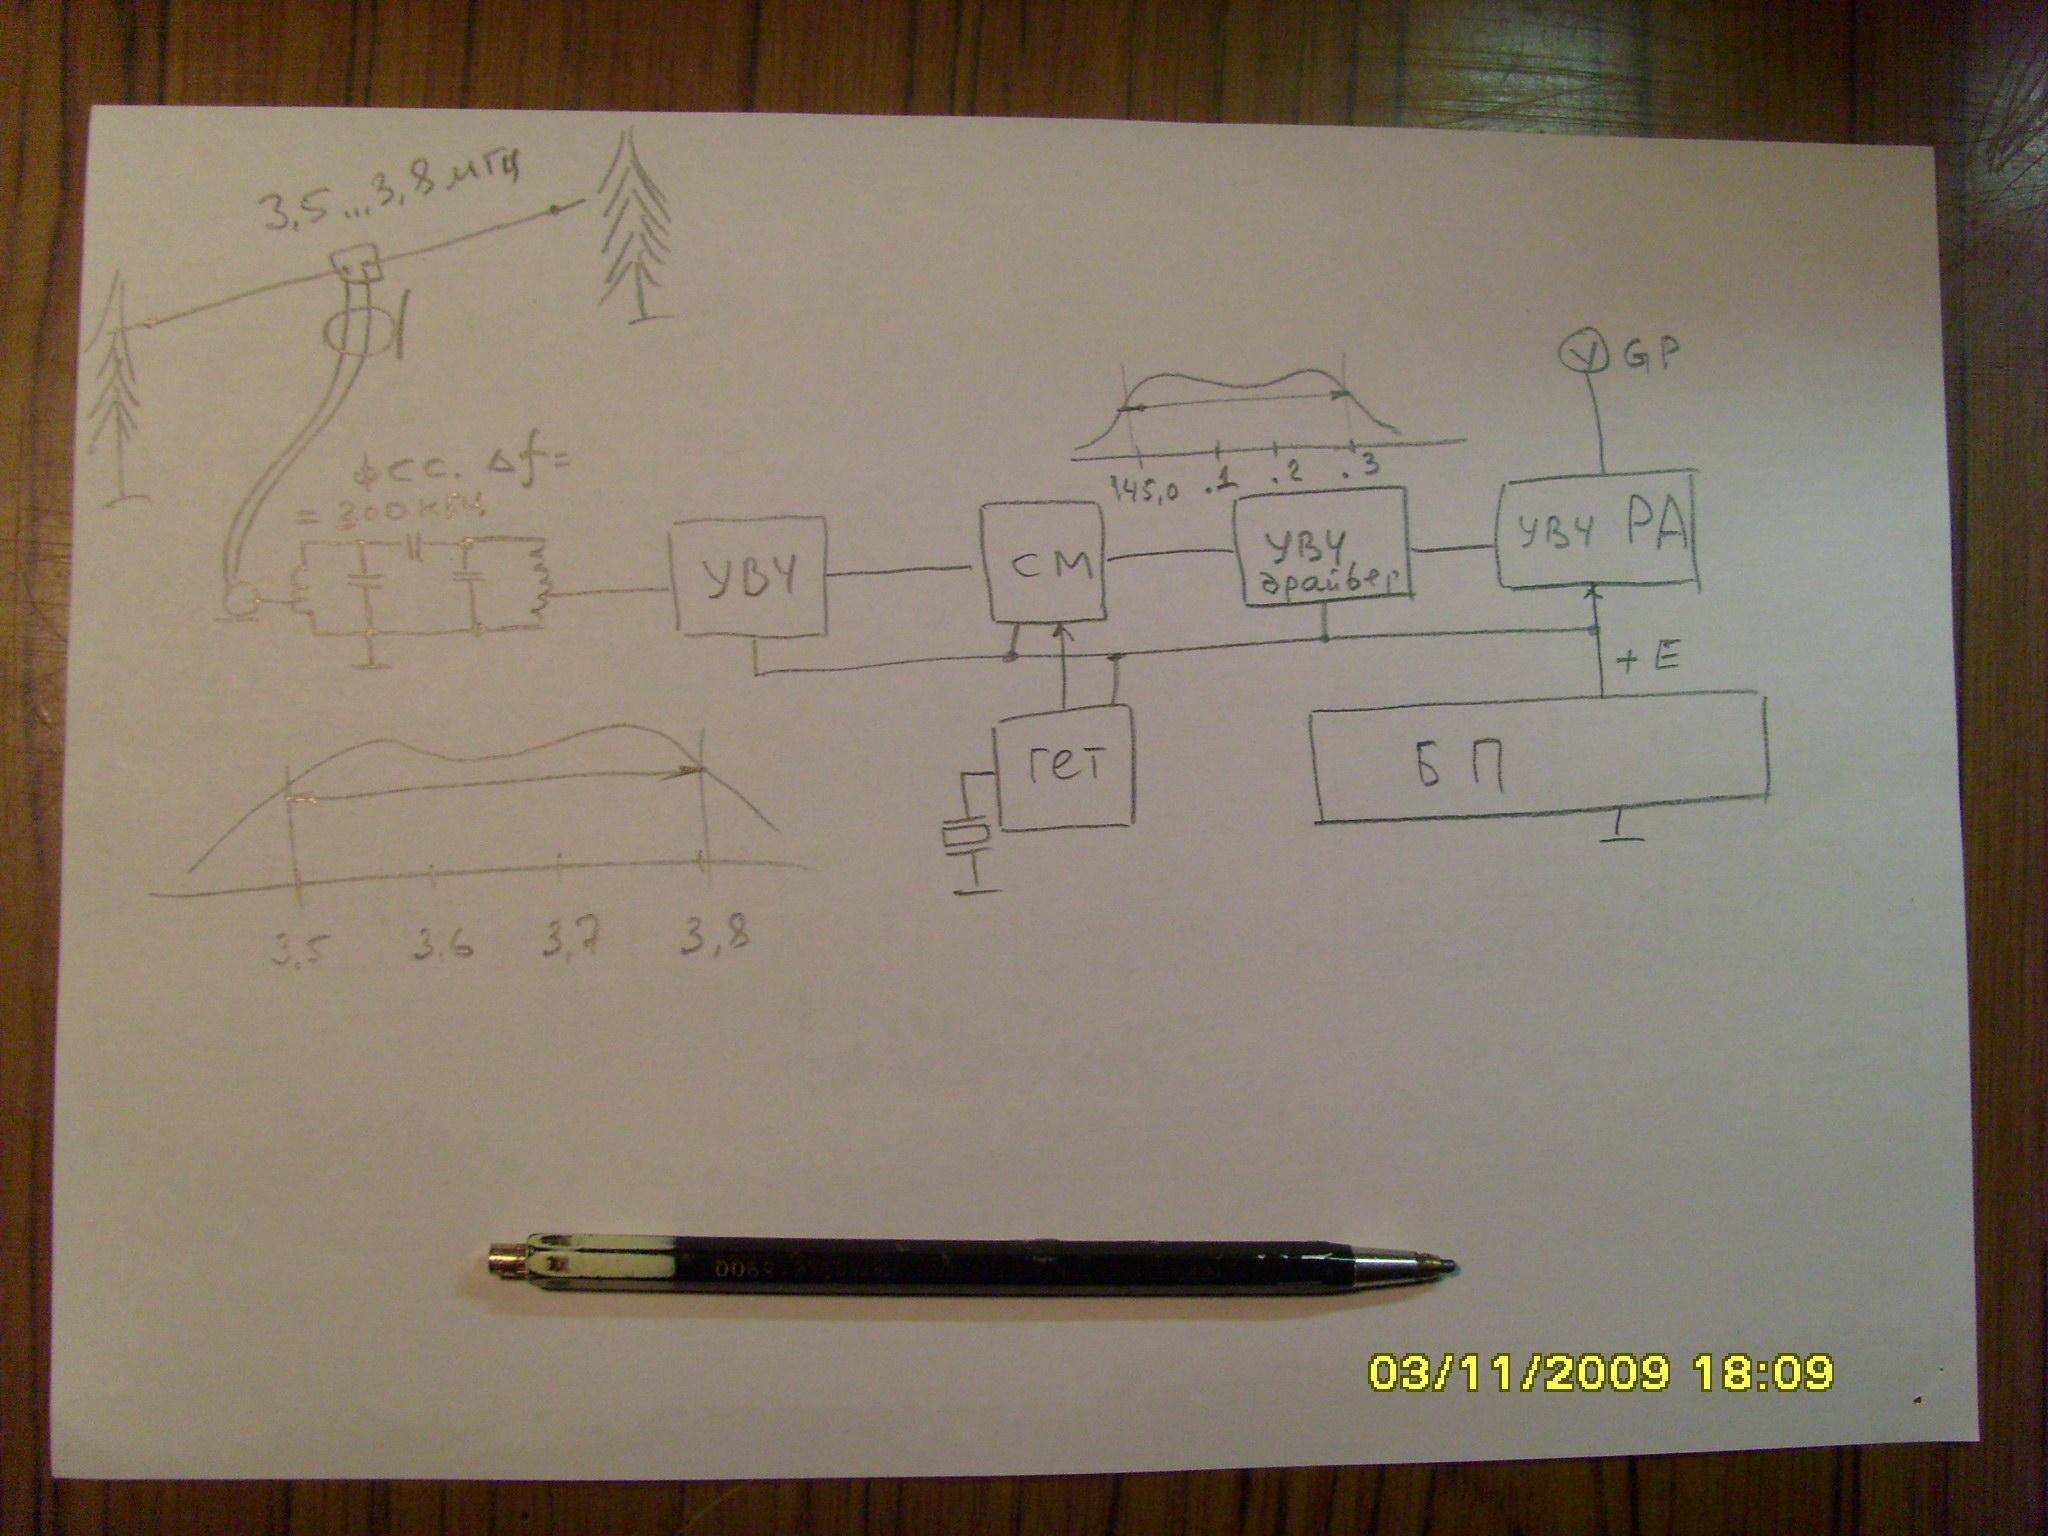 Нажмите на изображение для увеличения.  Название:SI851146.JPG Просмотров:223 Размер:633.8 Кб ID:25929